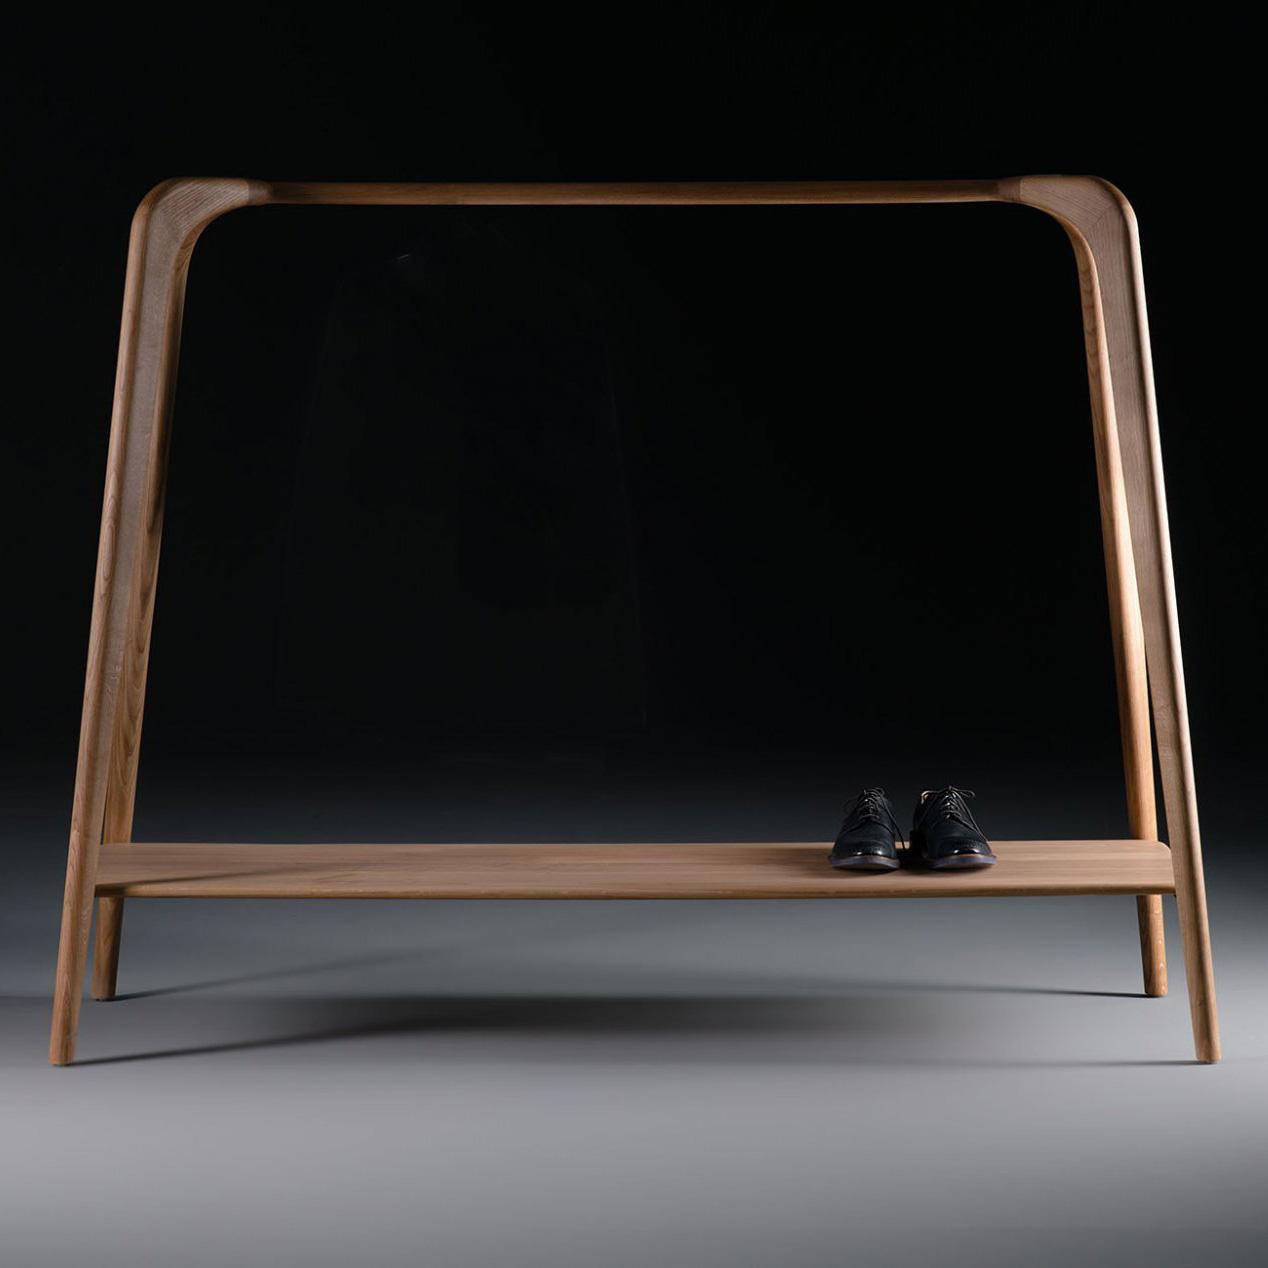 Perchero Swing, en madera maciza con un diseño vanguardista y de producción artesana